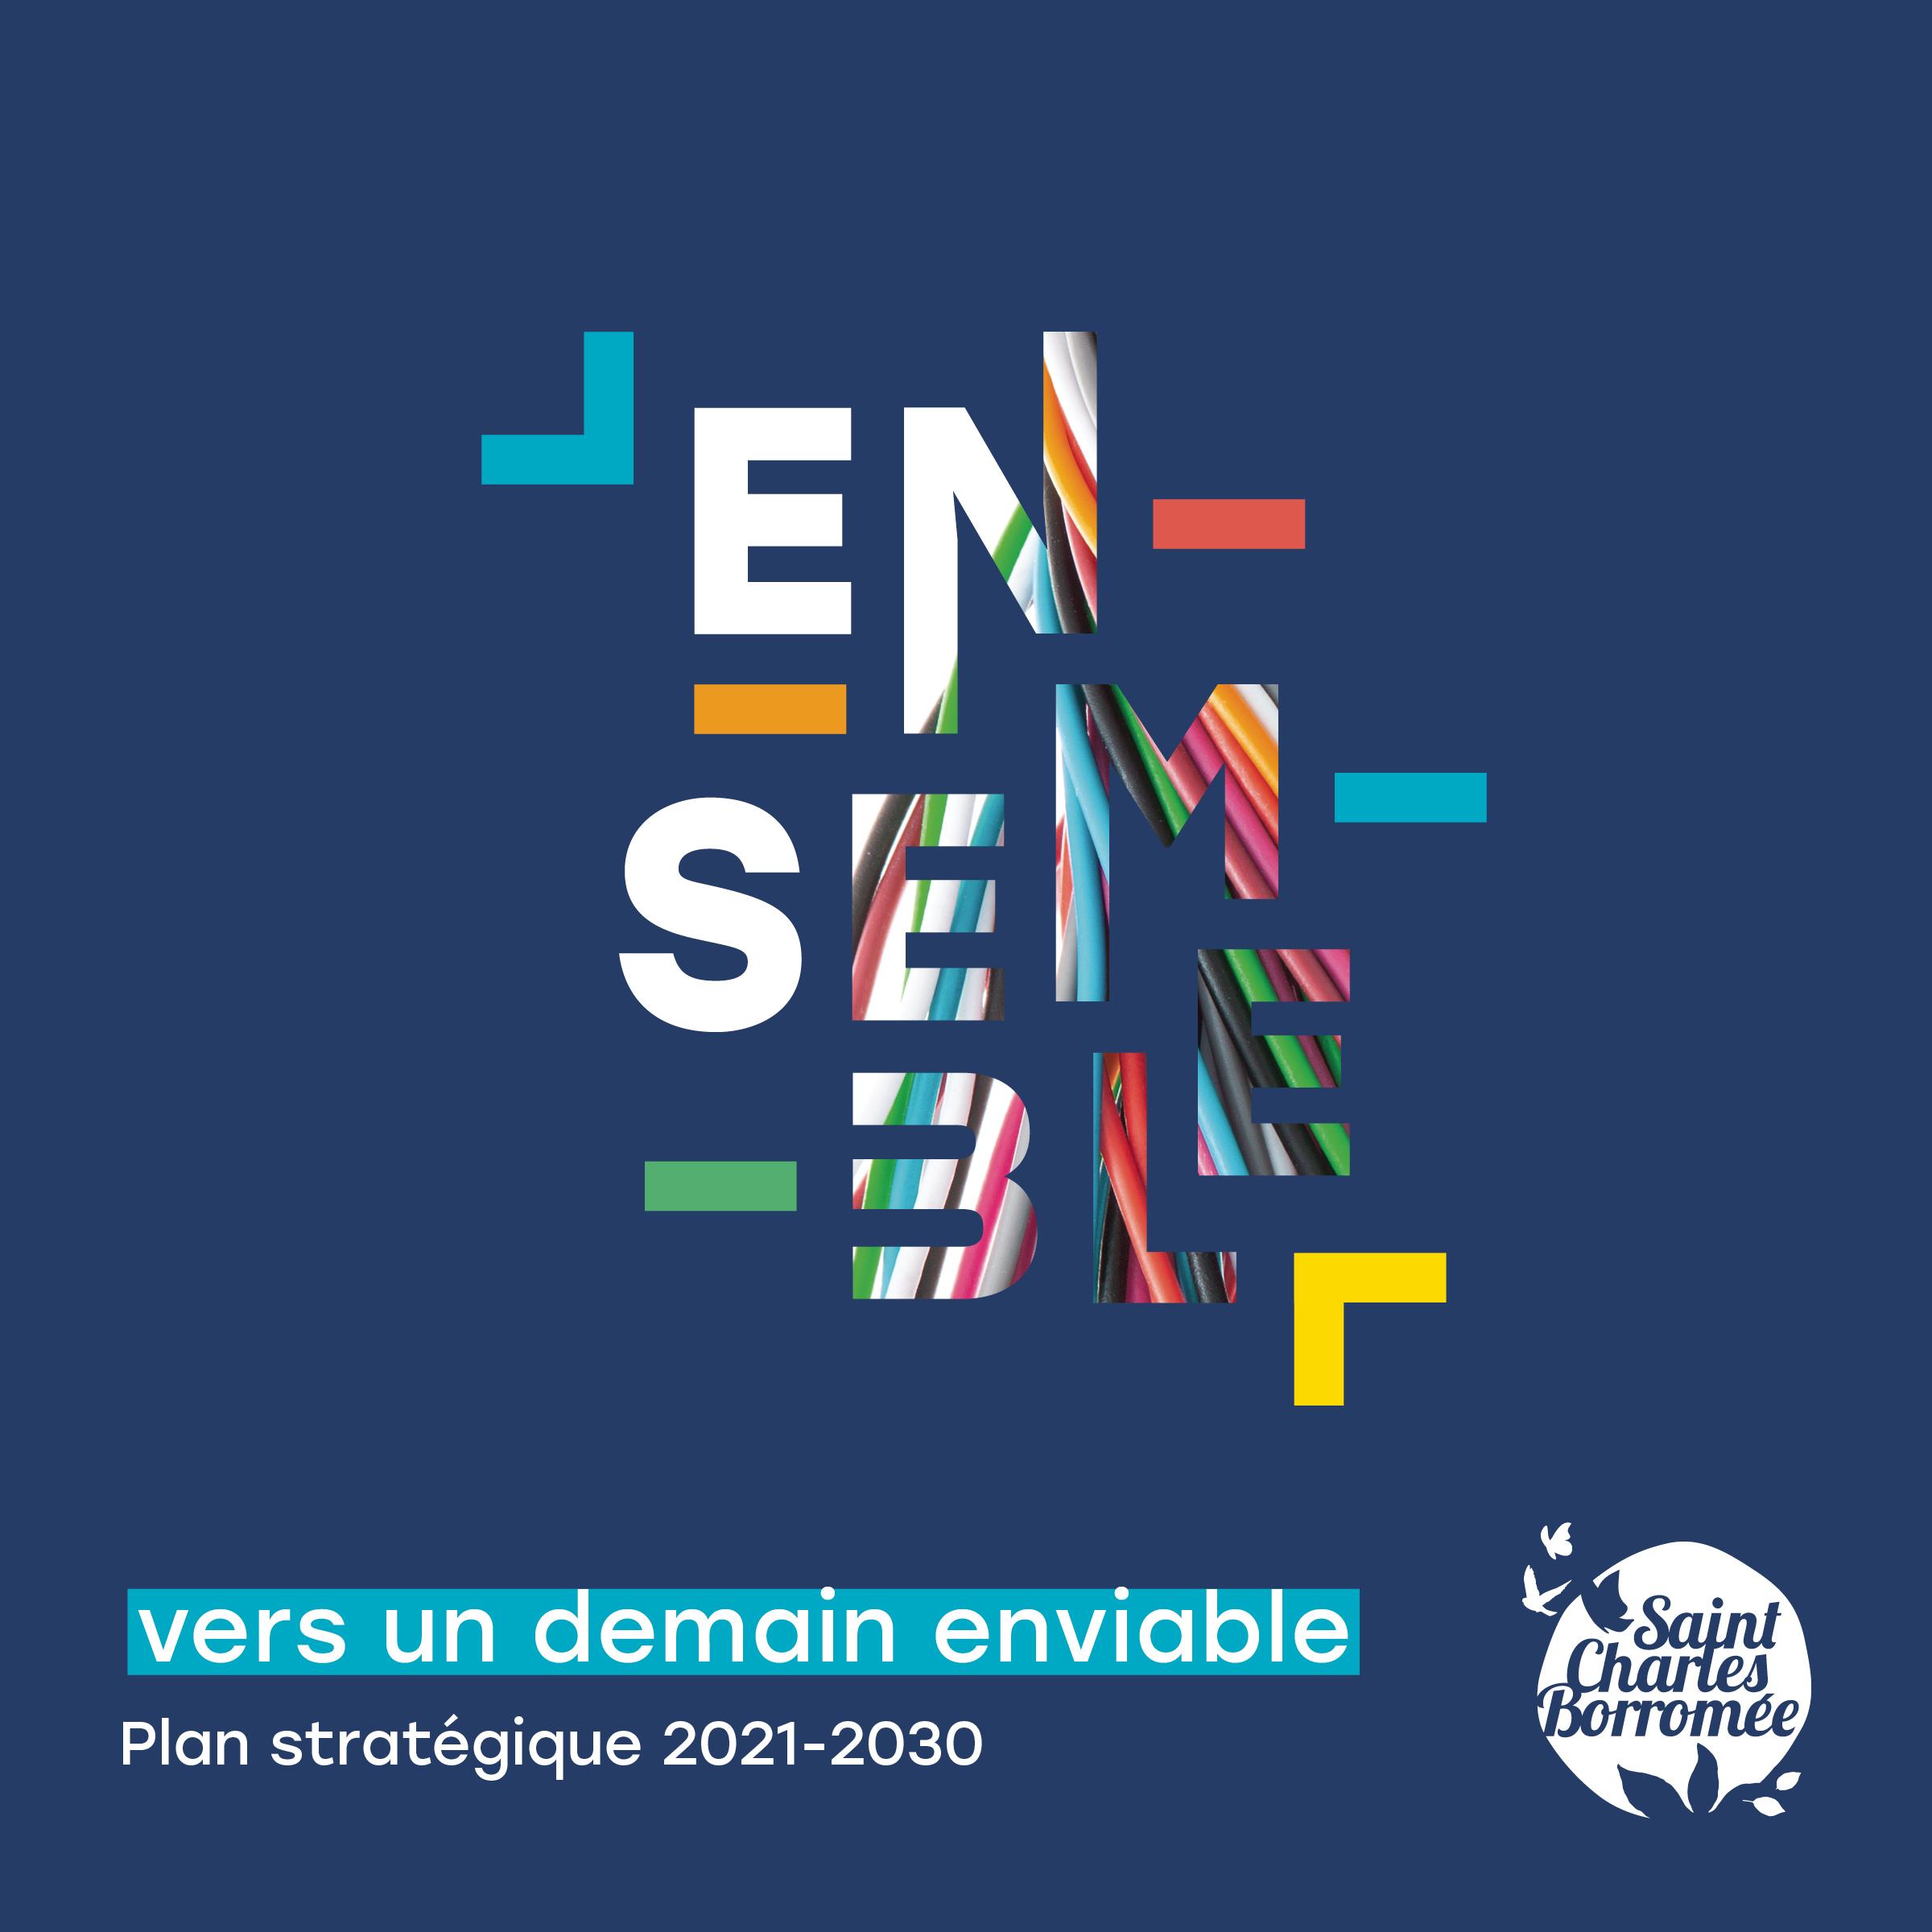 Plan stratégique 2021-2030